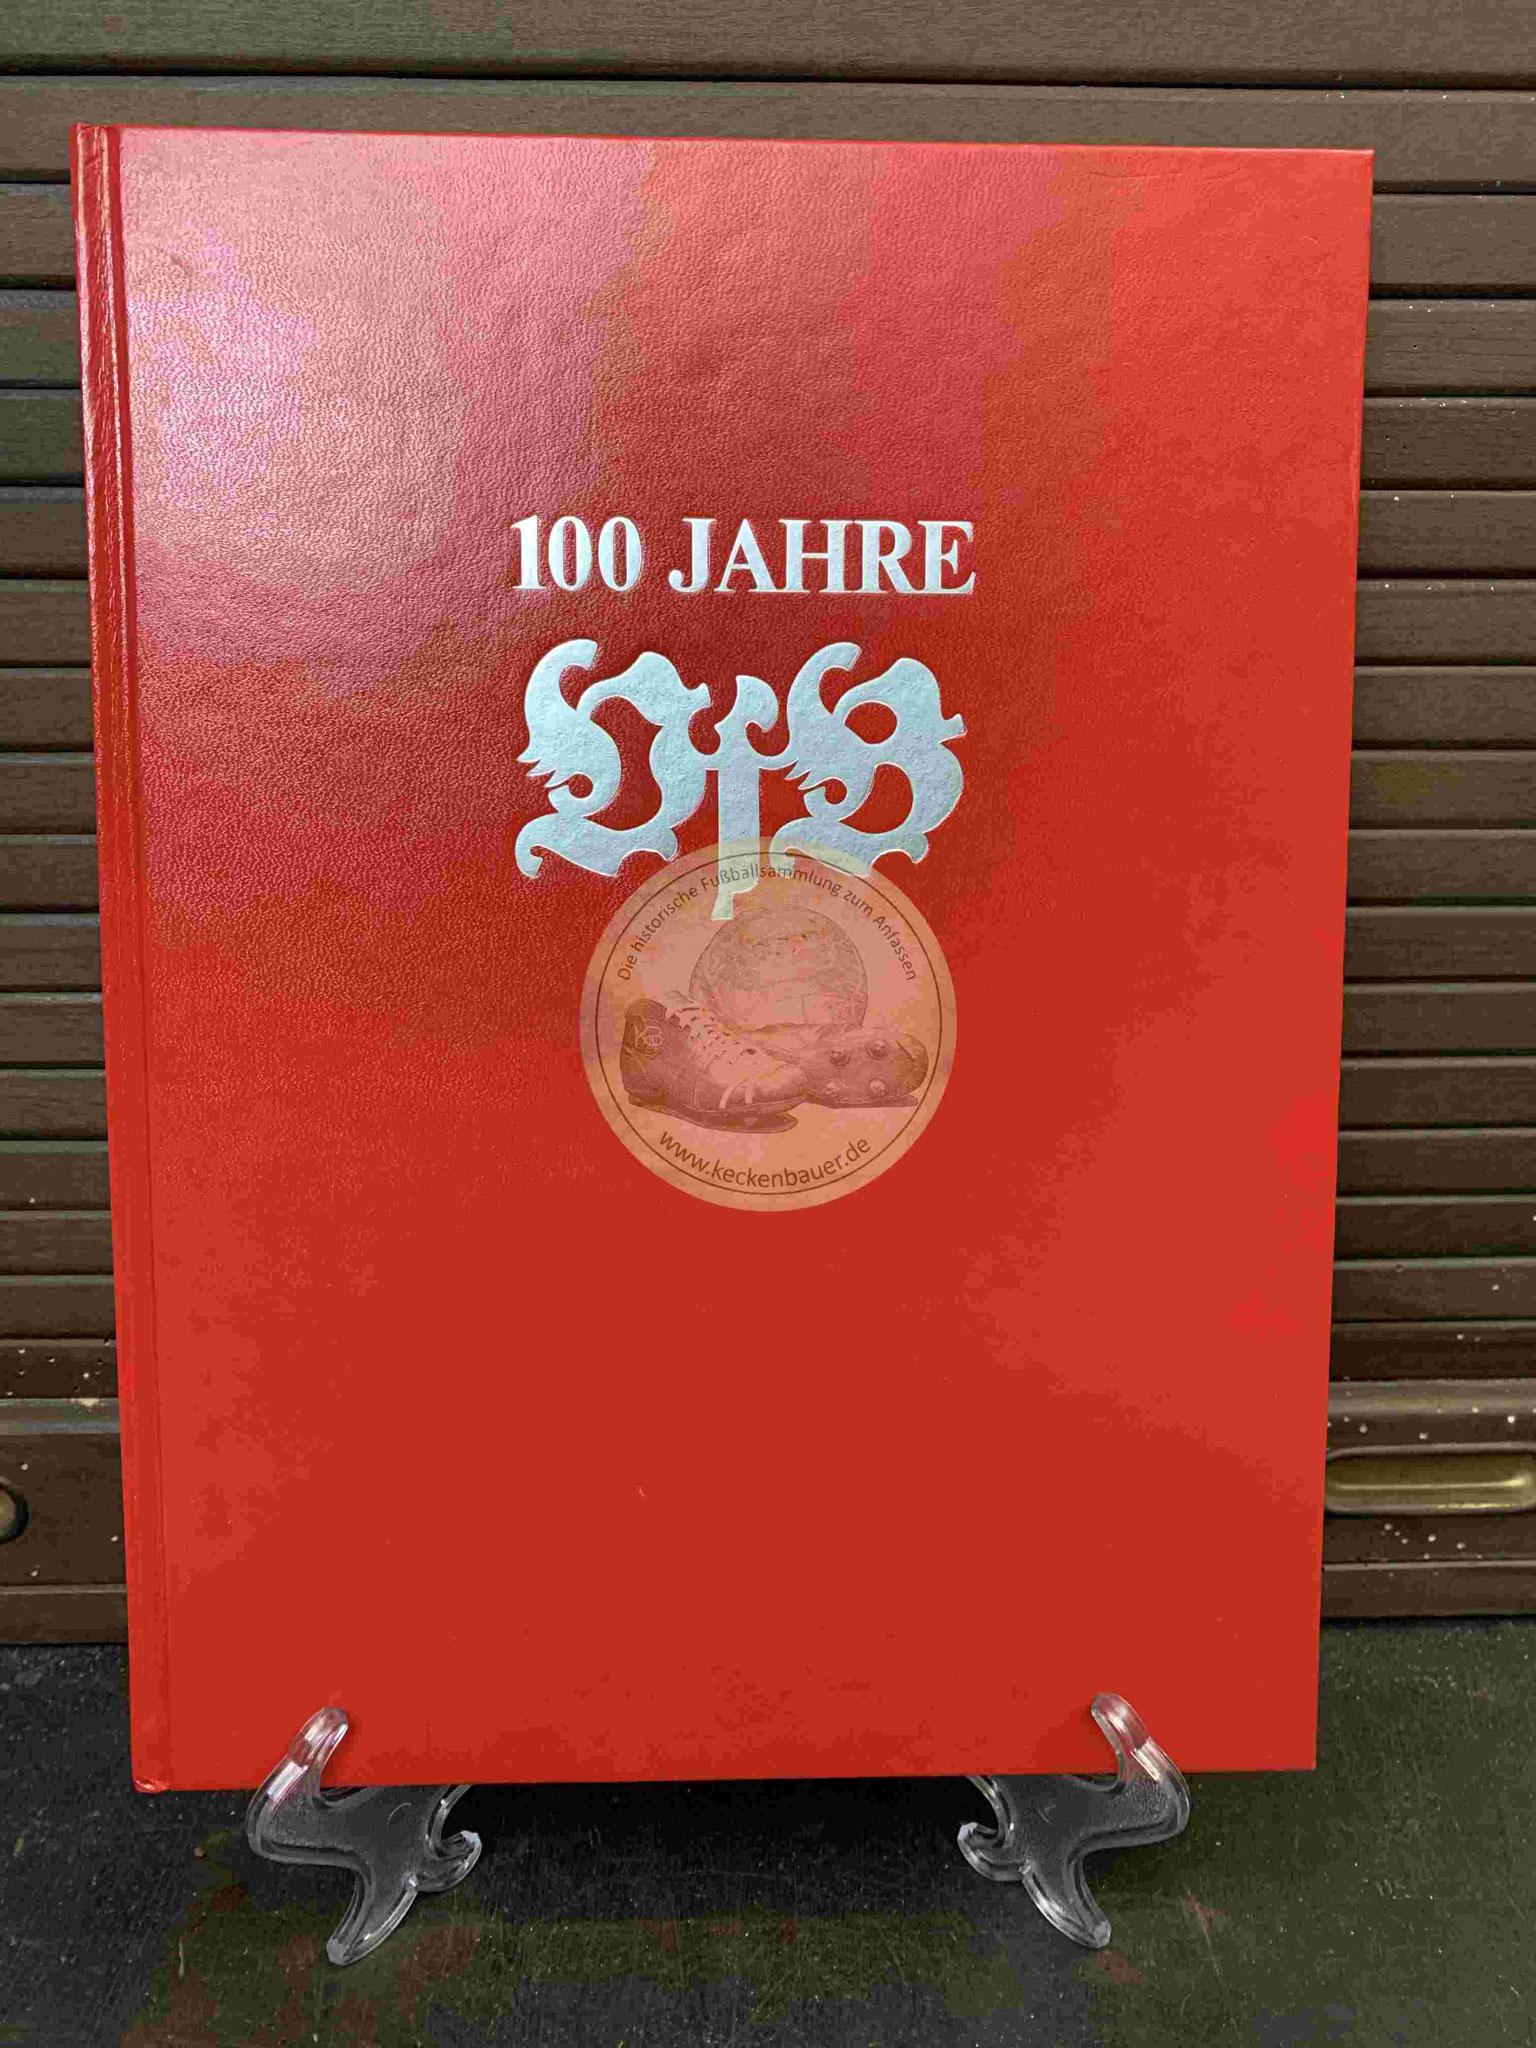 100 Jahre VfB Stuttgart aus dem Jahr 1993